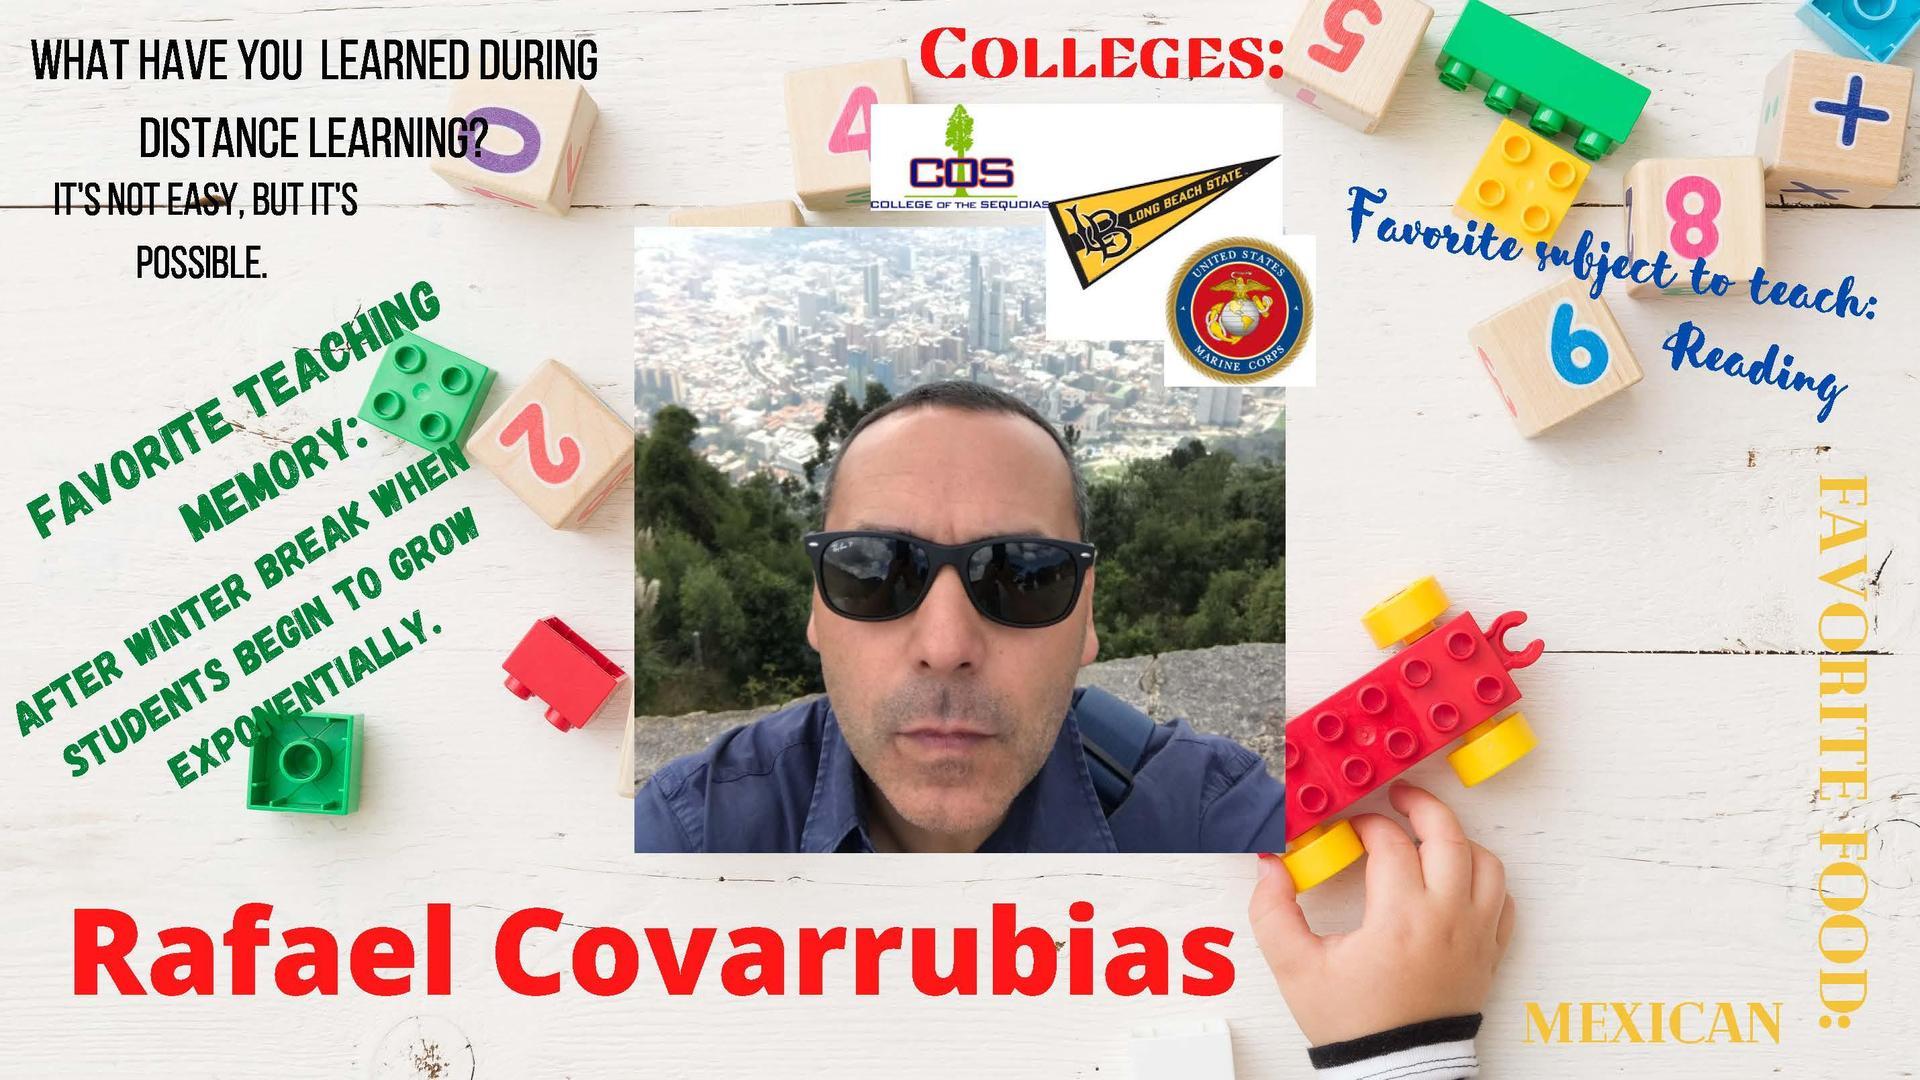 Mr. Covarrubias Staff Member of the week